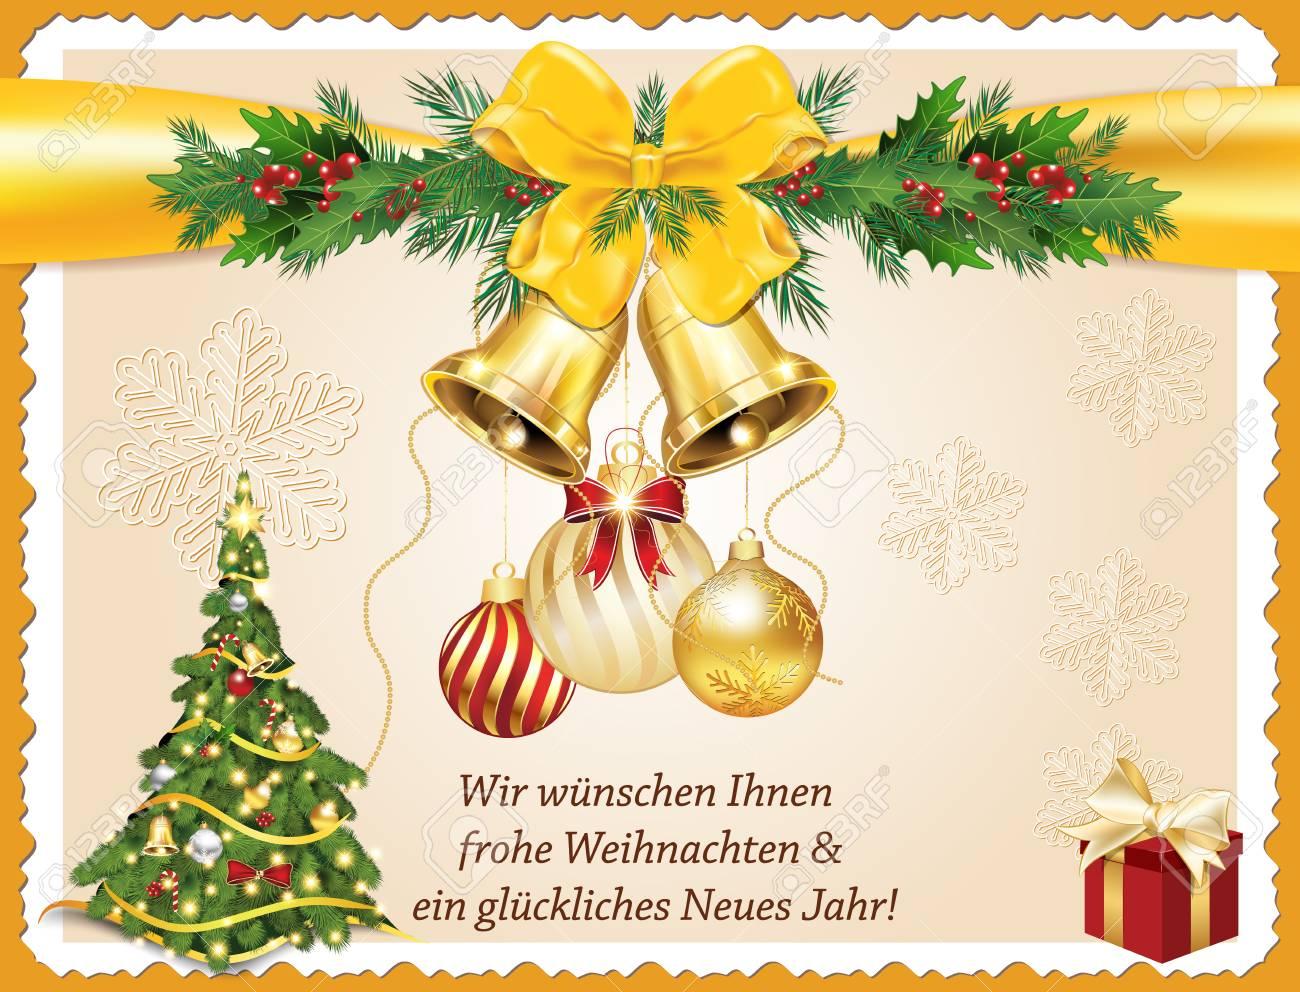 Deutsche Grußkarte Für Weihnachten Und Neujahr. \